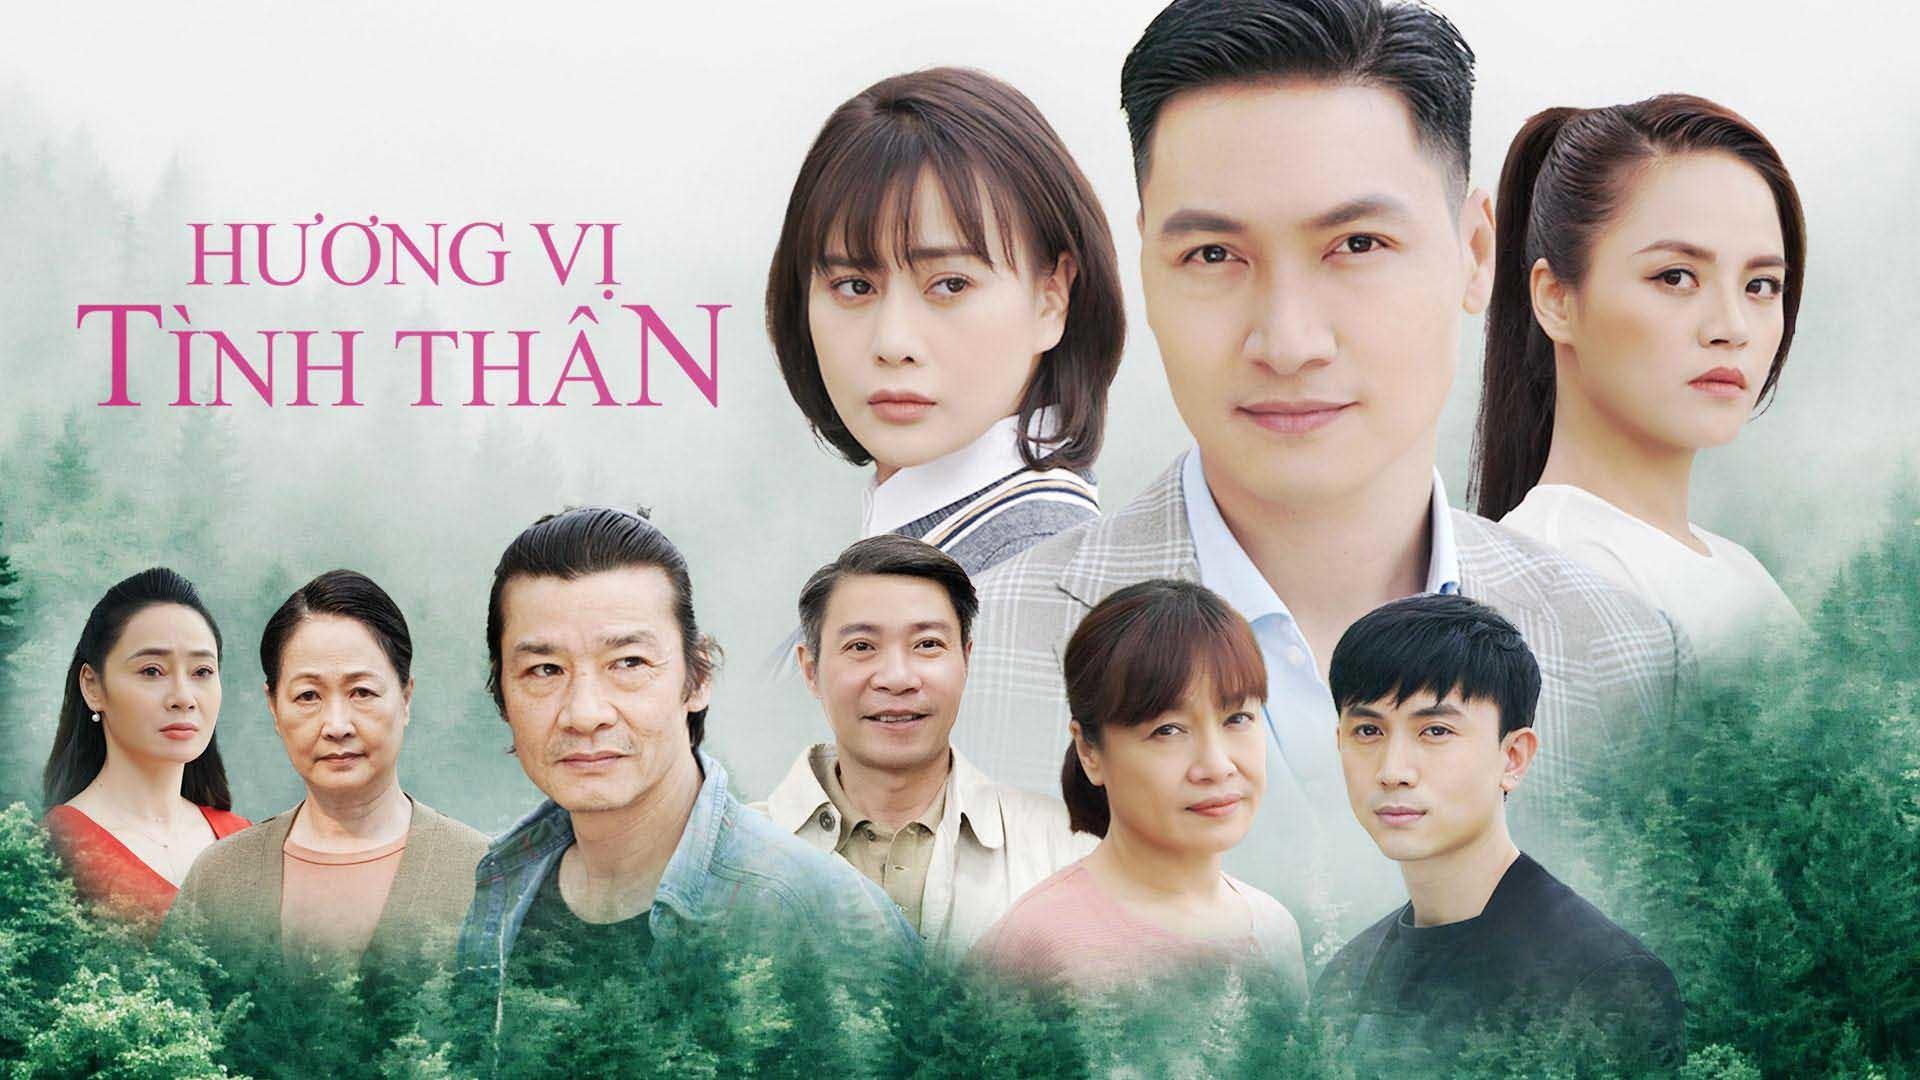 'Hương vị tình thân': không phải Thu Quỳnh, ai diễn được Khánh Thy?